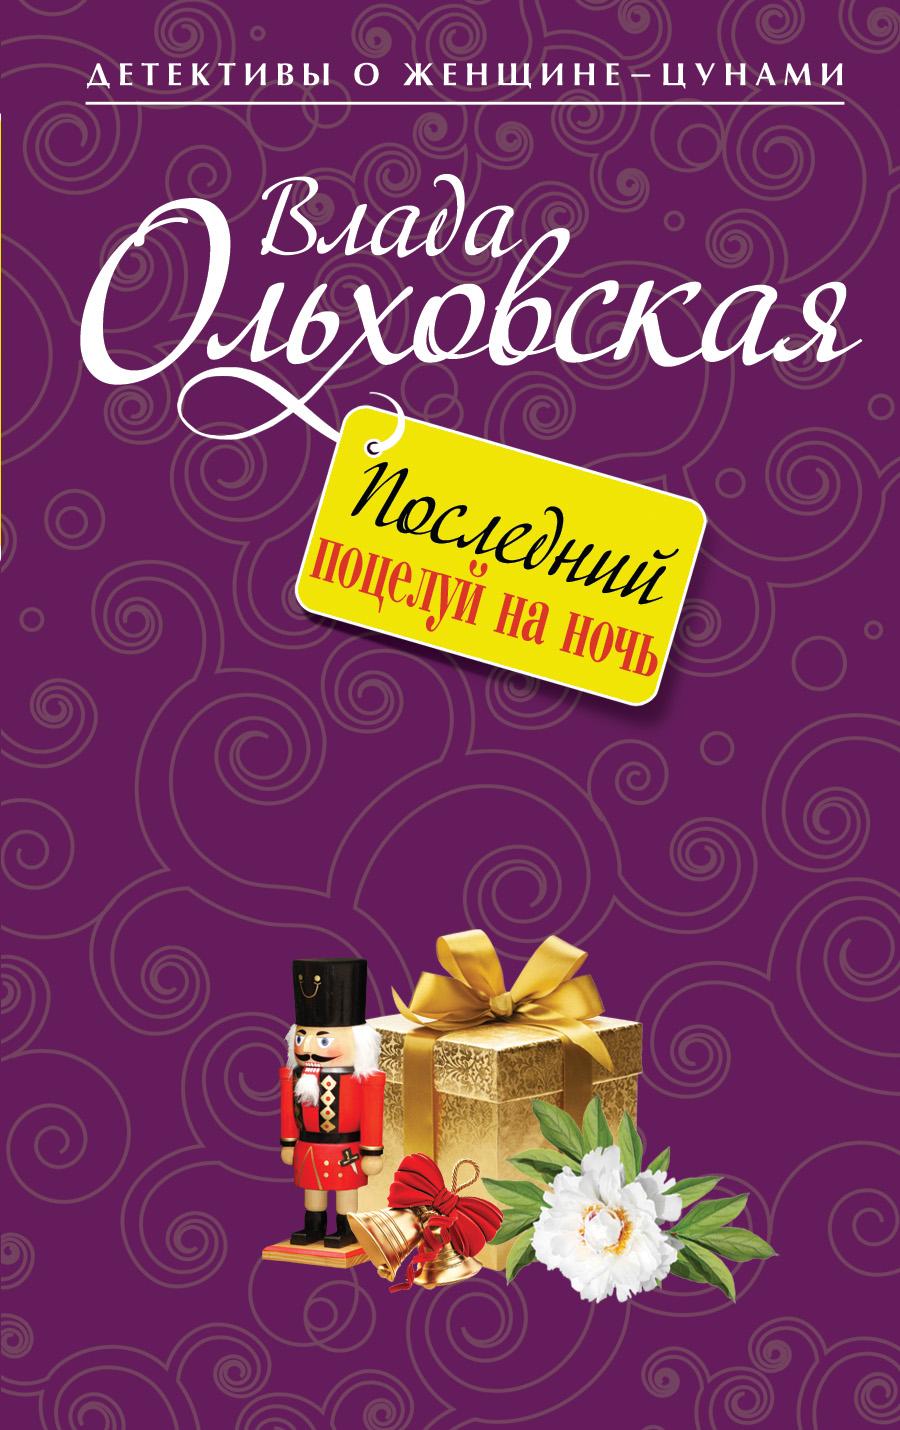 Источник: Ольховская Влада, Последний поцелуй на ночь